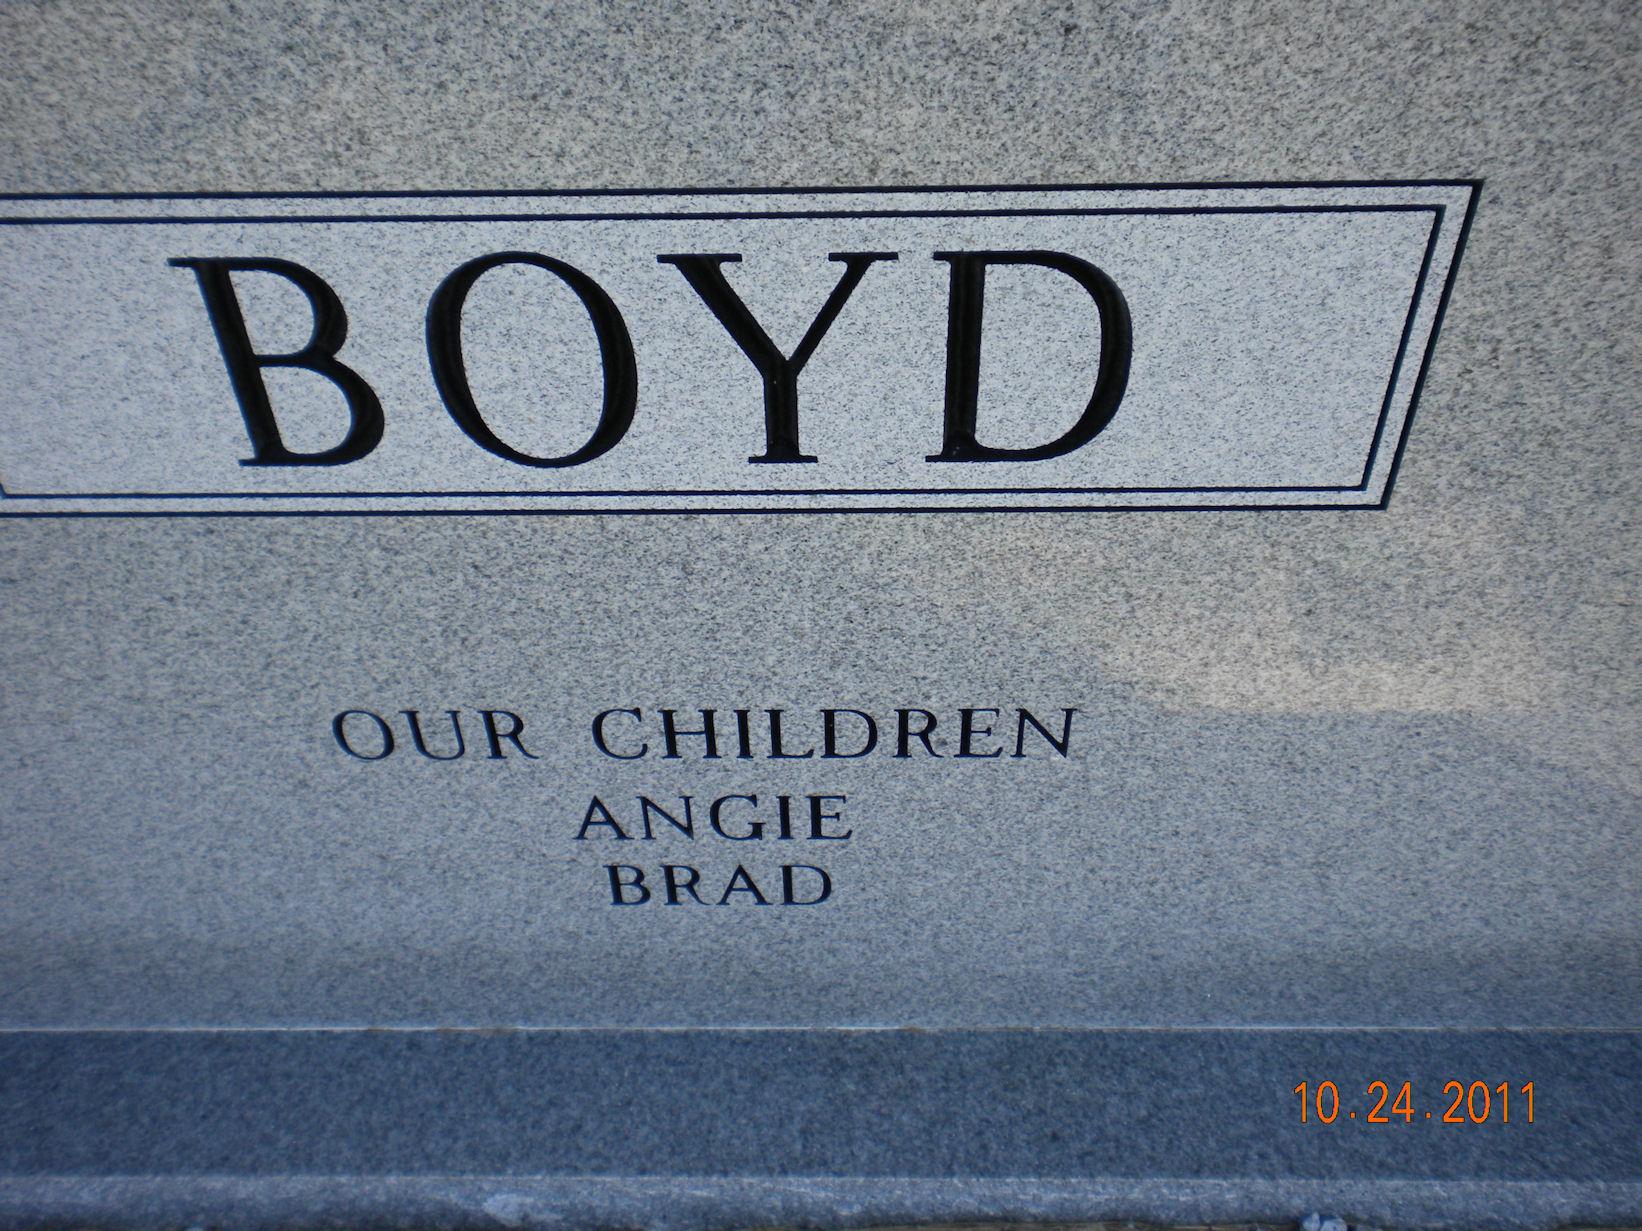 Travis Boyd